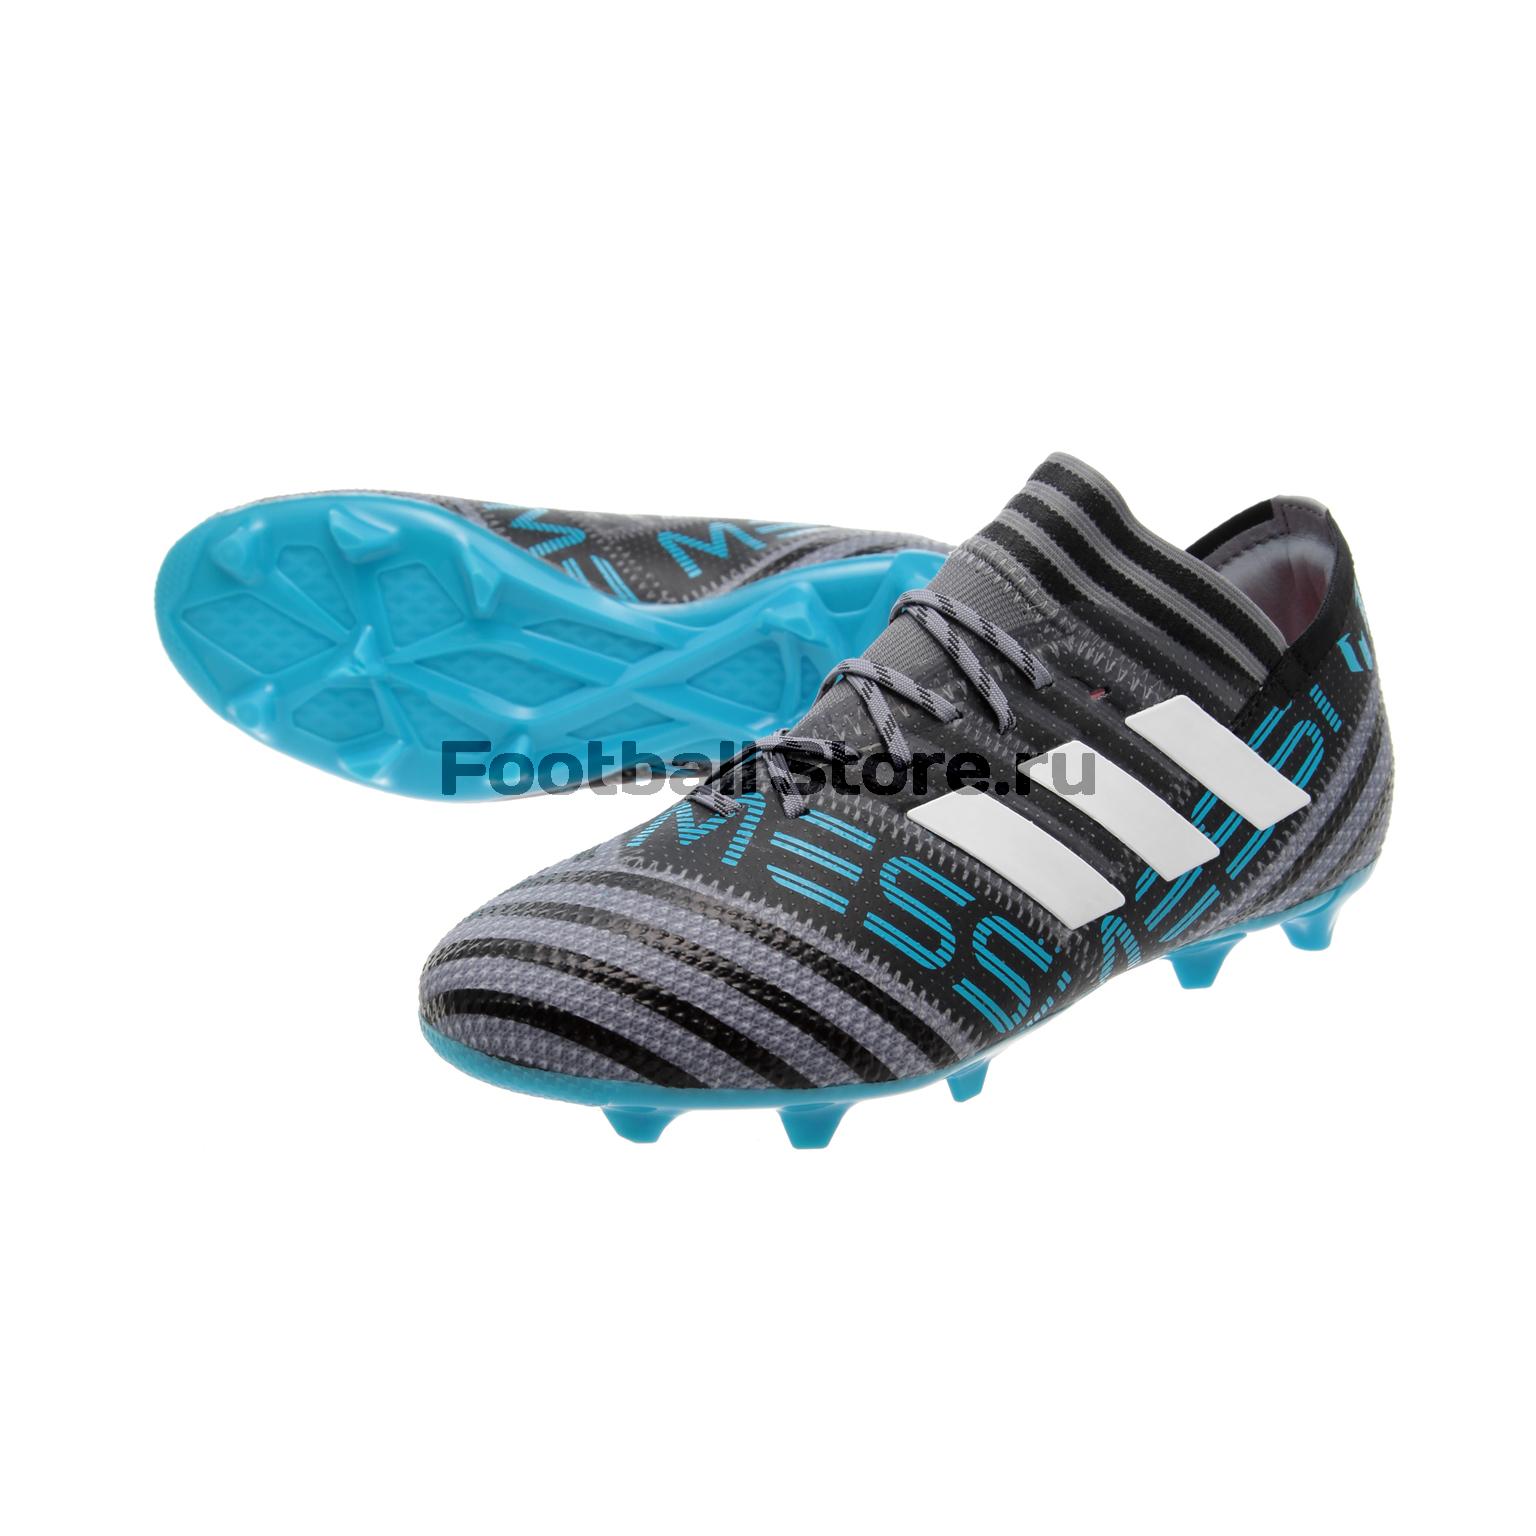 Детские бутсы Adidas Бутсы Adidas Nemeziz Messi 17.1 FG JR CP9159 adidas бутсы adidas messi 15 3 jr af4665